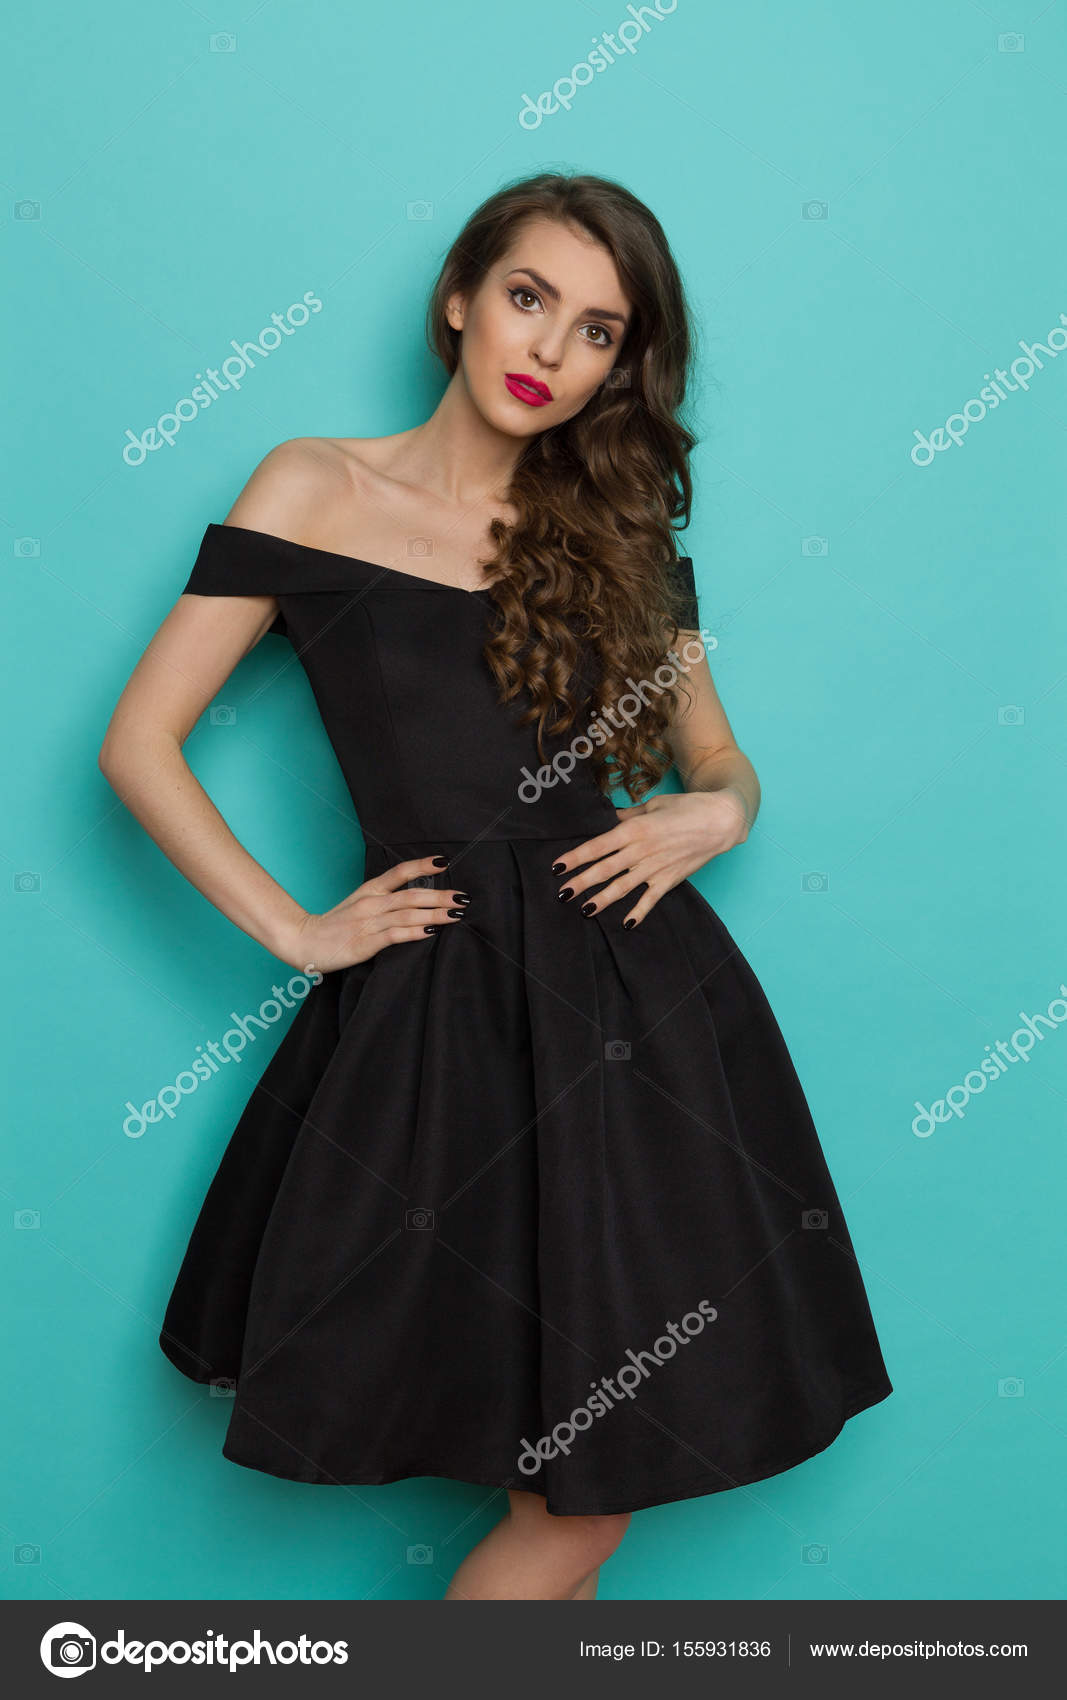 Vestidos coctel mujer joven